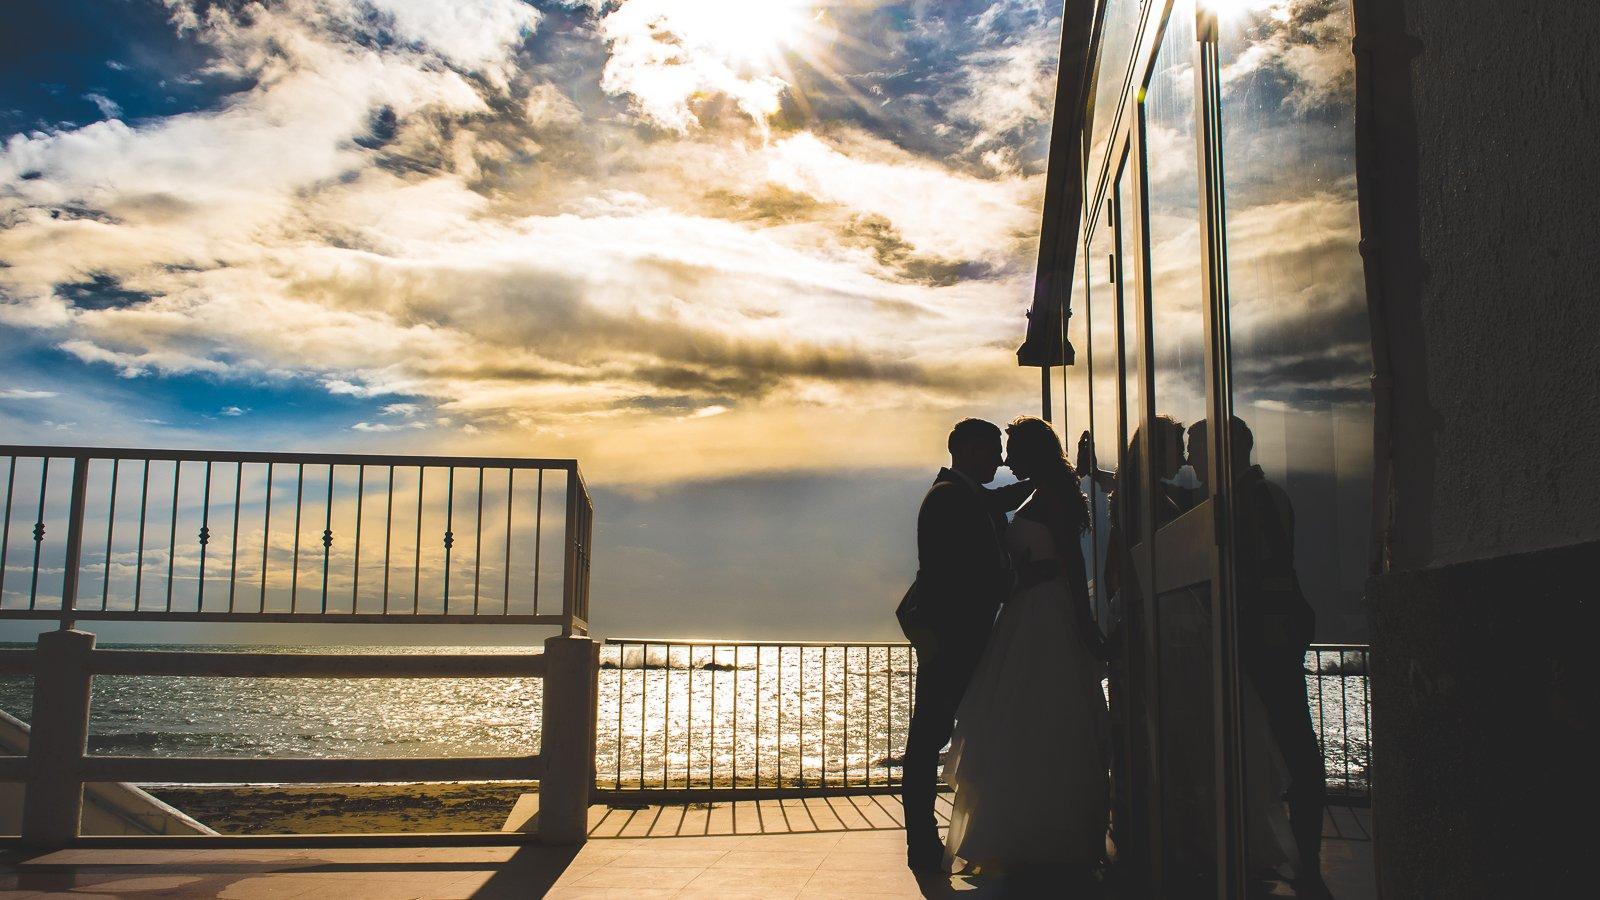 fotografia ślubna plenerowa nad morzem Rzym Włochy